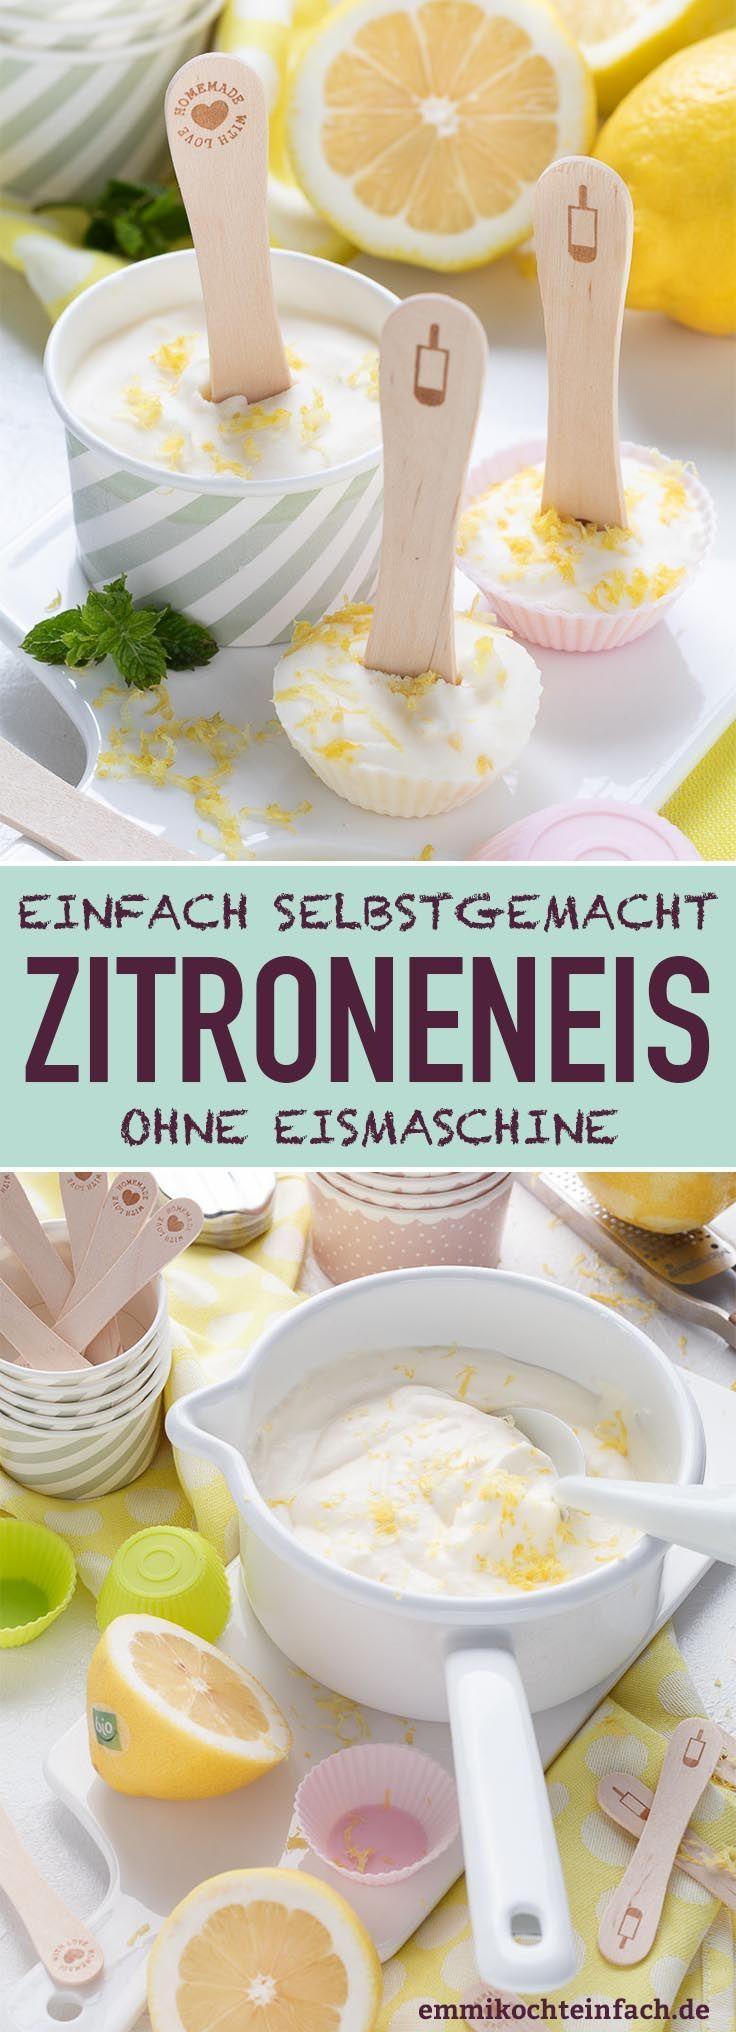 Zitroneneis ganz einfach selbstgemacht - emmikochteinfach